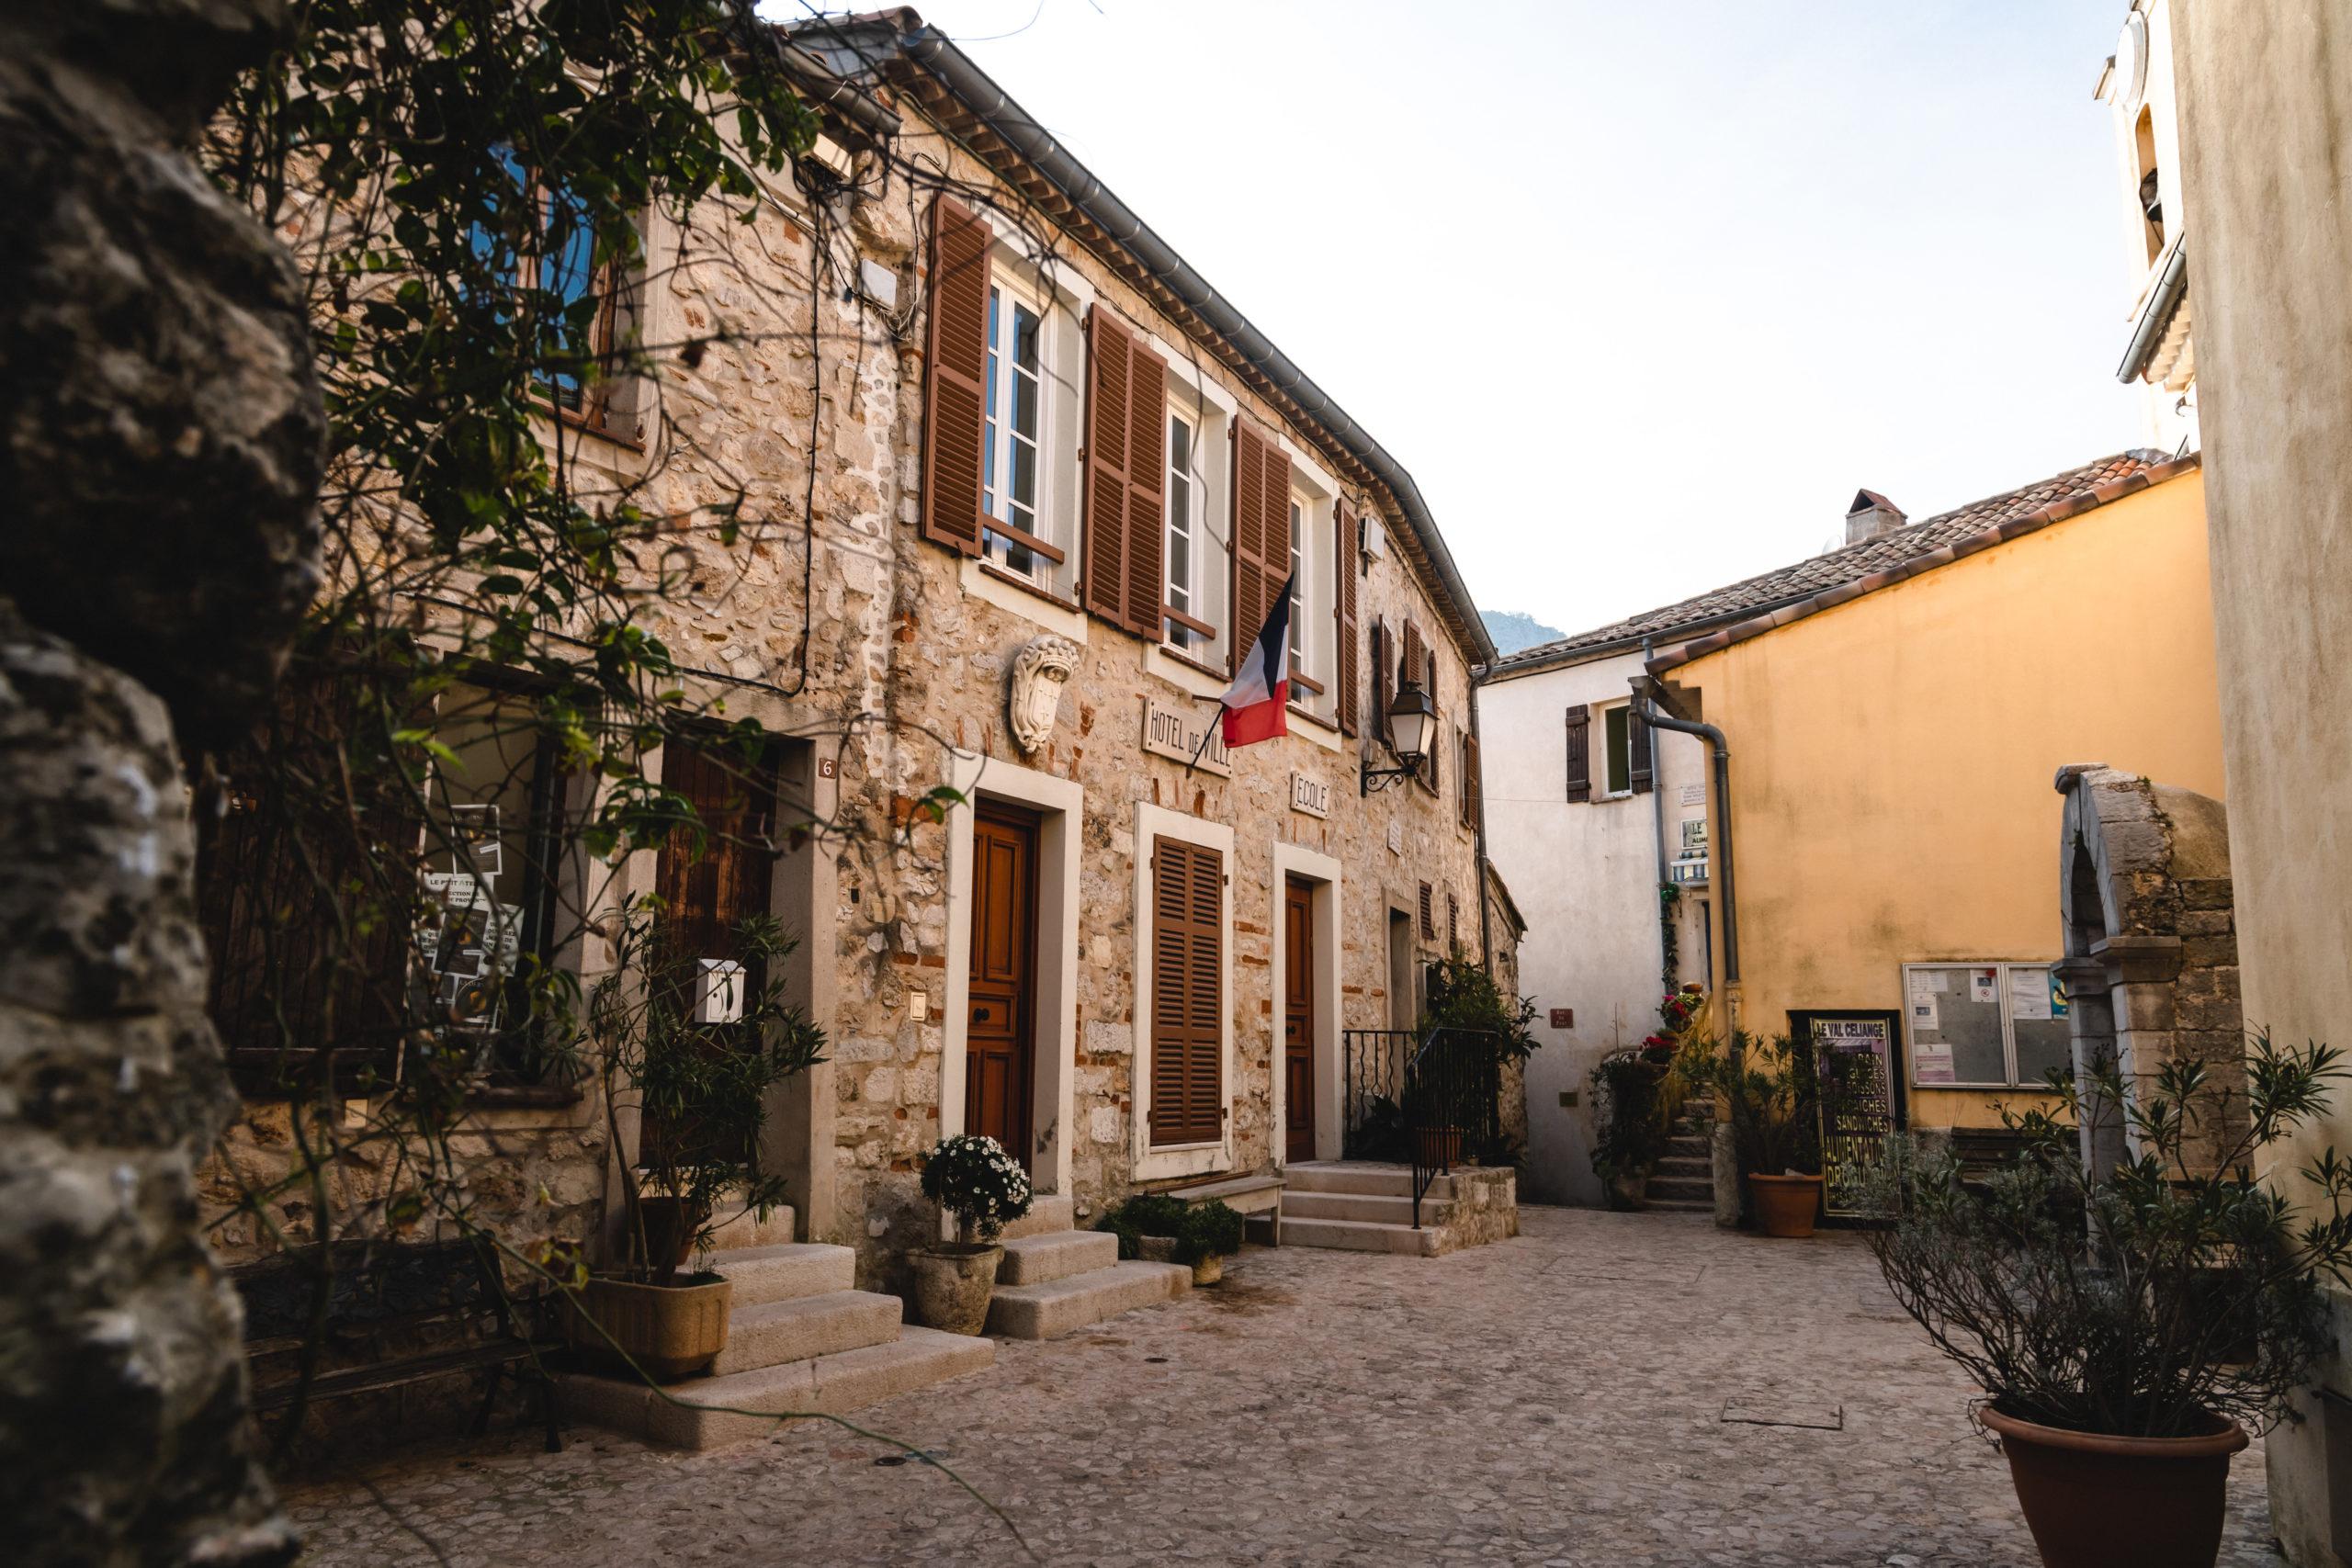 Saint-Agnès